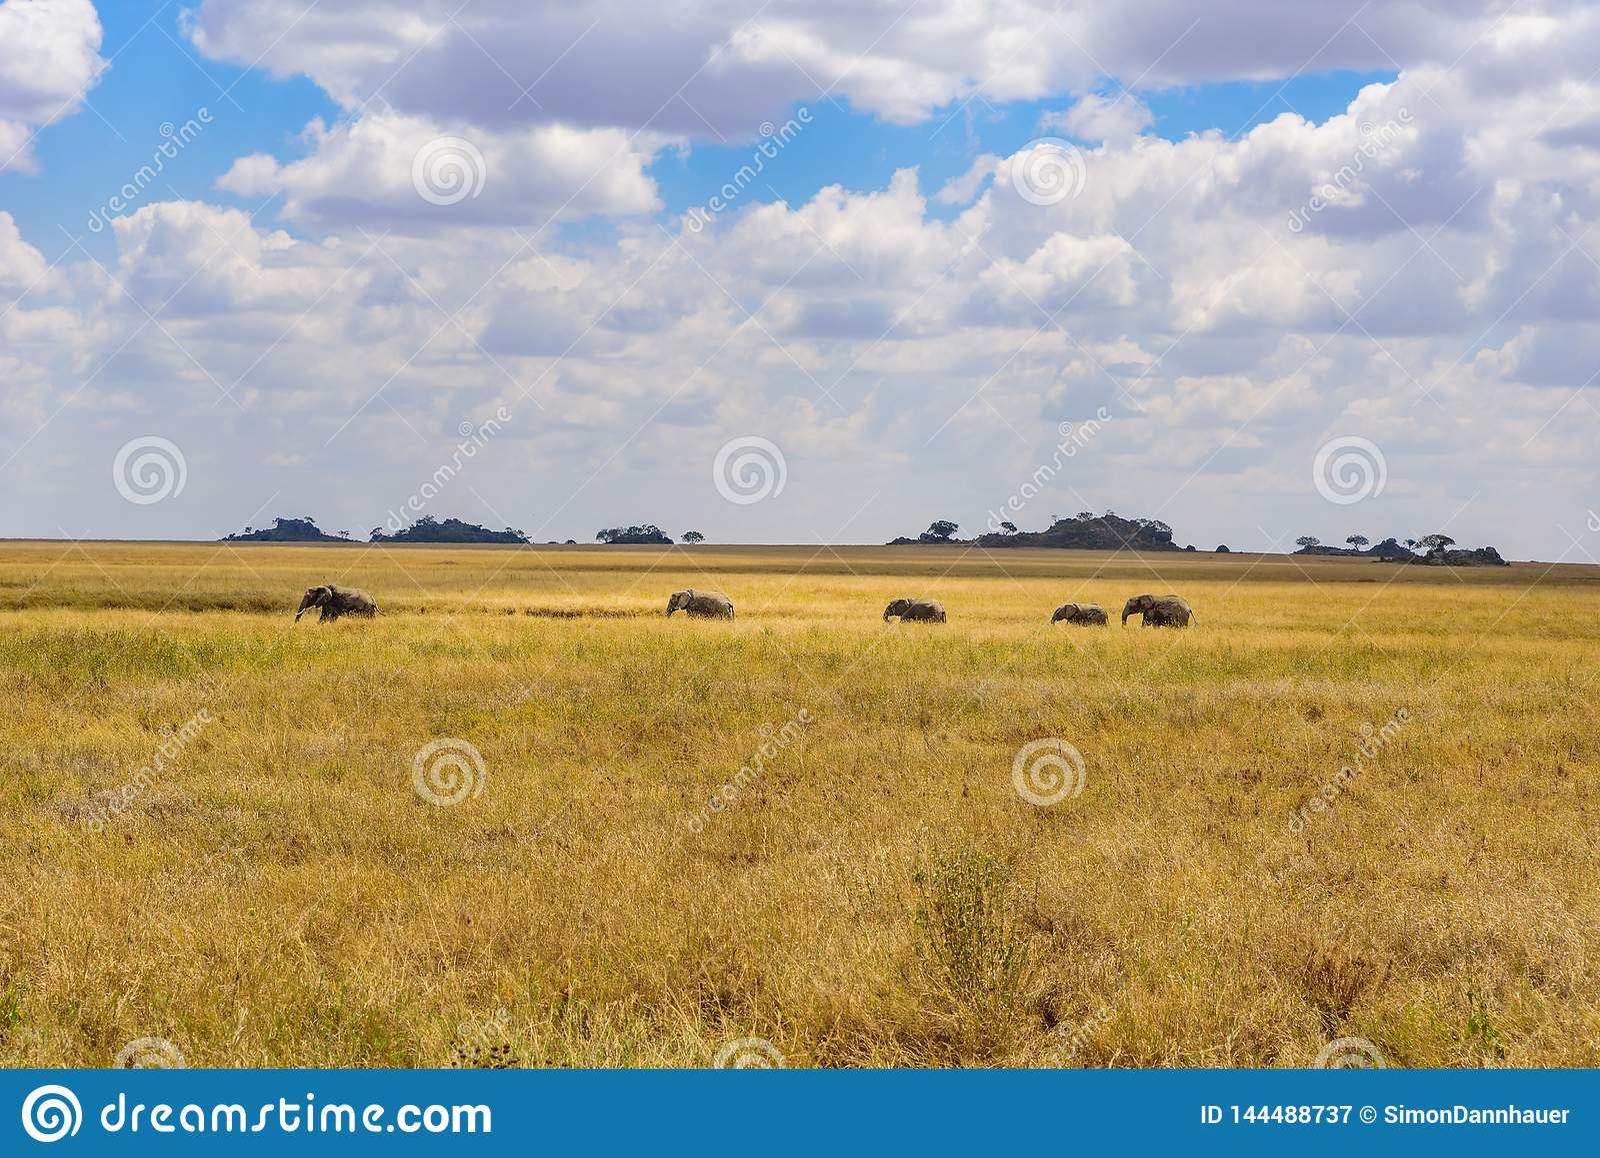 Afrikanischer Elefant-Herde in der Savanne von Serengeti bei Sonnenuntergang Akazienb?ume auf den Ebenen in Nationalpark Serenget